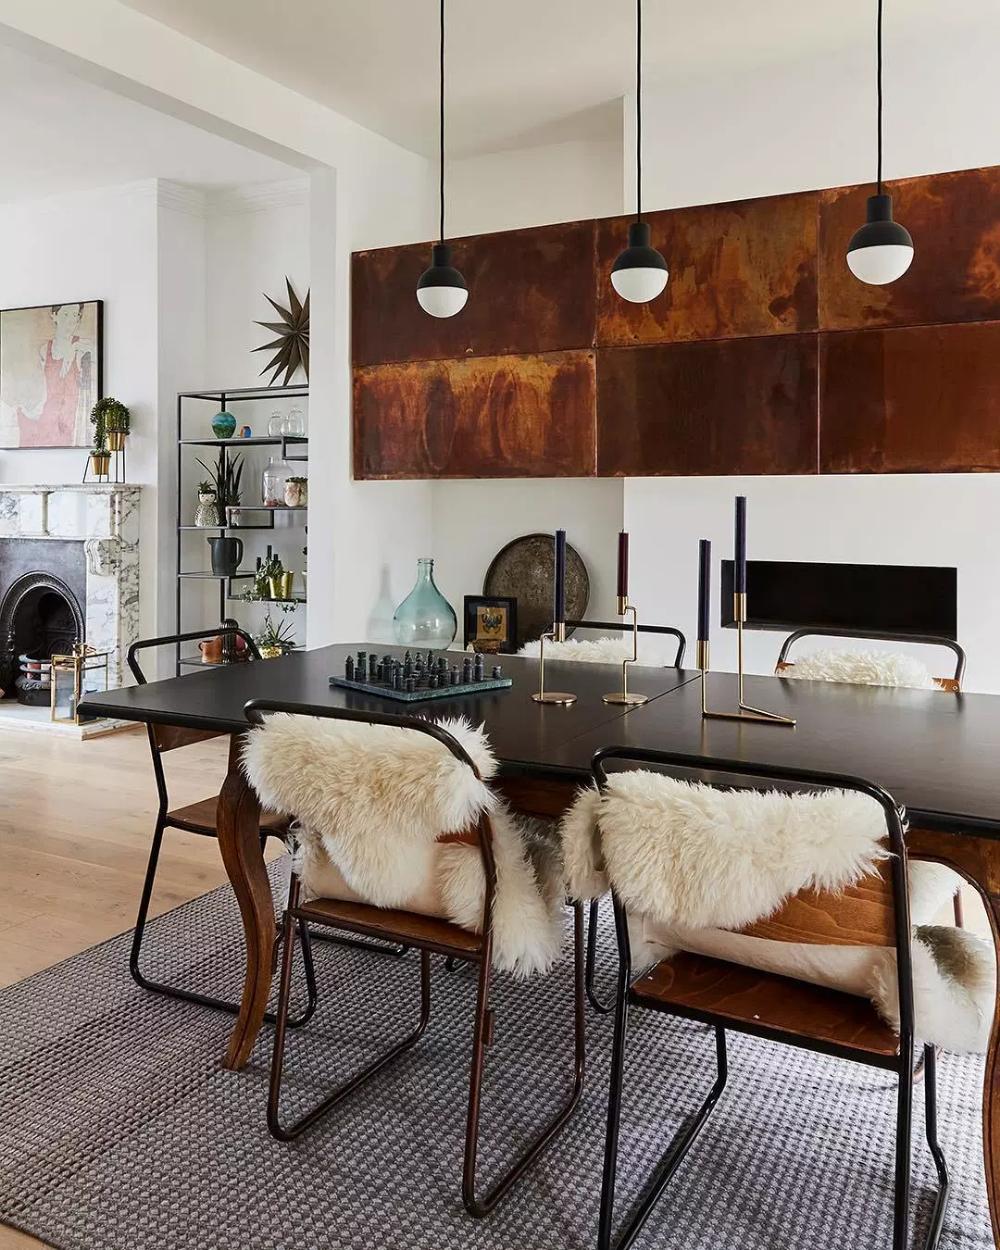 Les Plus Beaux Interieurs Avec Made Clem Around The Corner Des Meubles Colores Mur Blanc Meuble Style Industriel